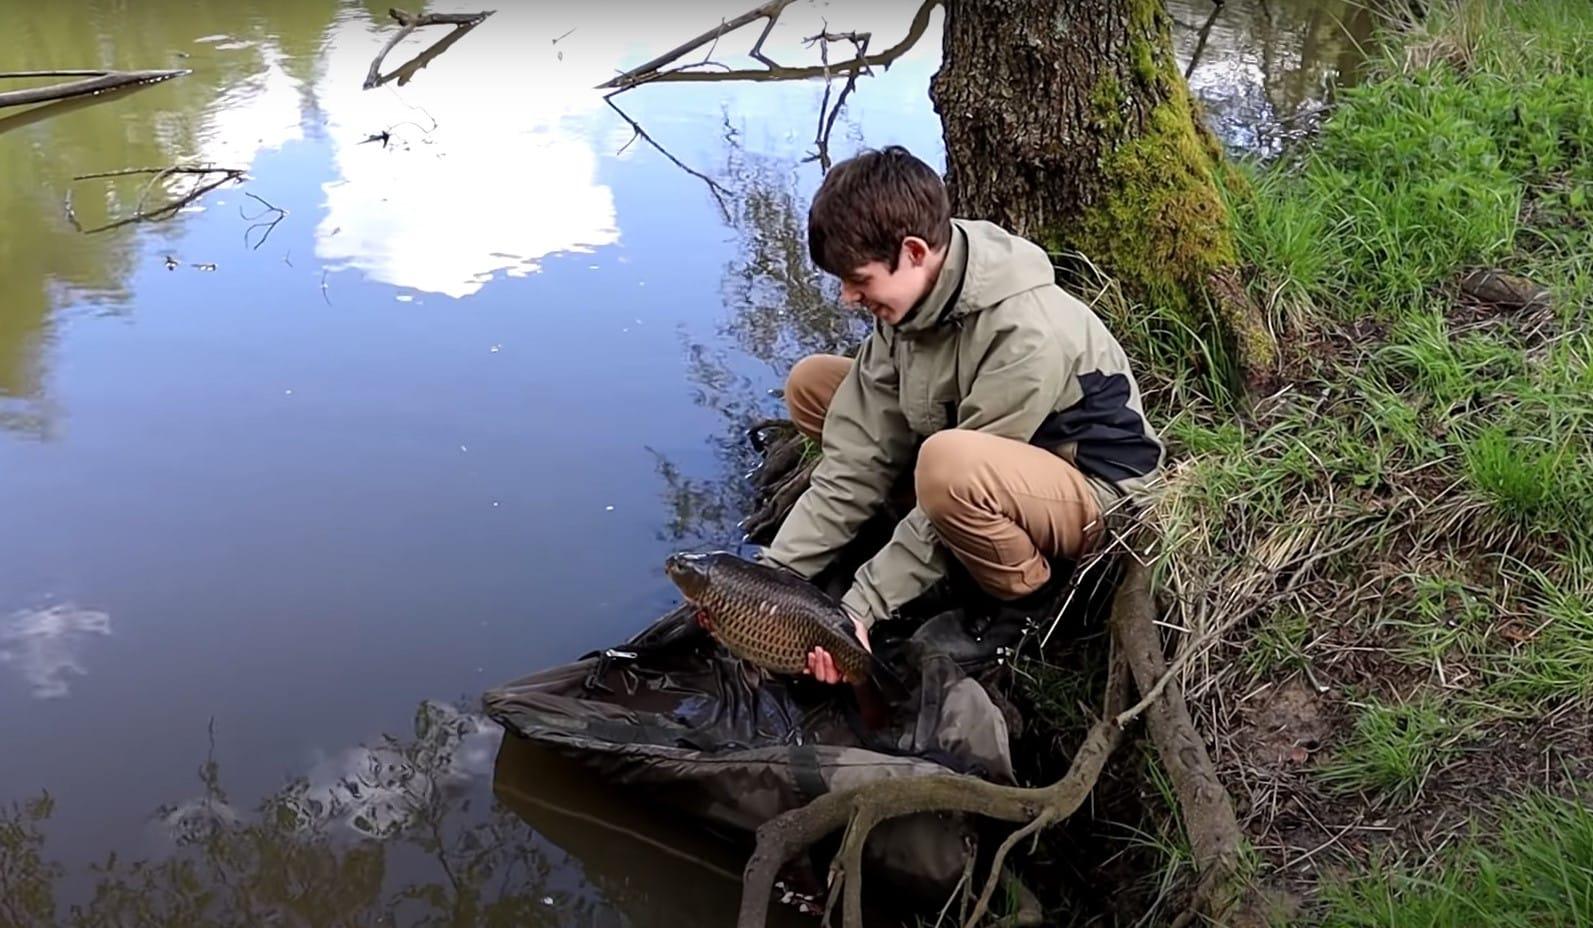 VIDEO: Nejcennější kapr vživotě? Mladý rybář chytil rybu na super těžké lokalitě!